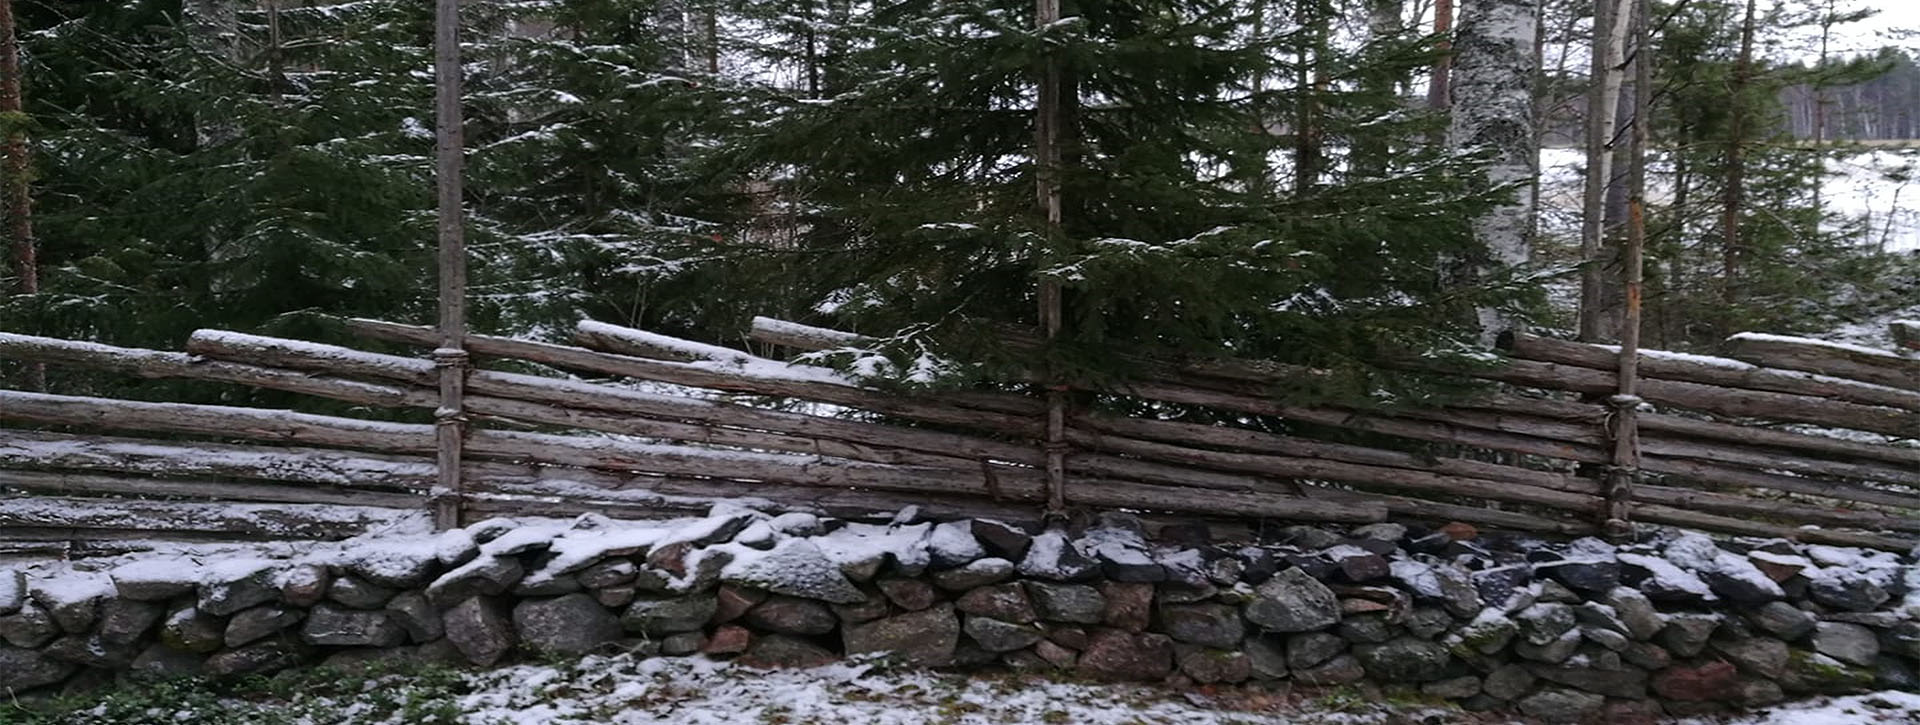 Vanha perinneaita metsän reunassa.